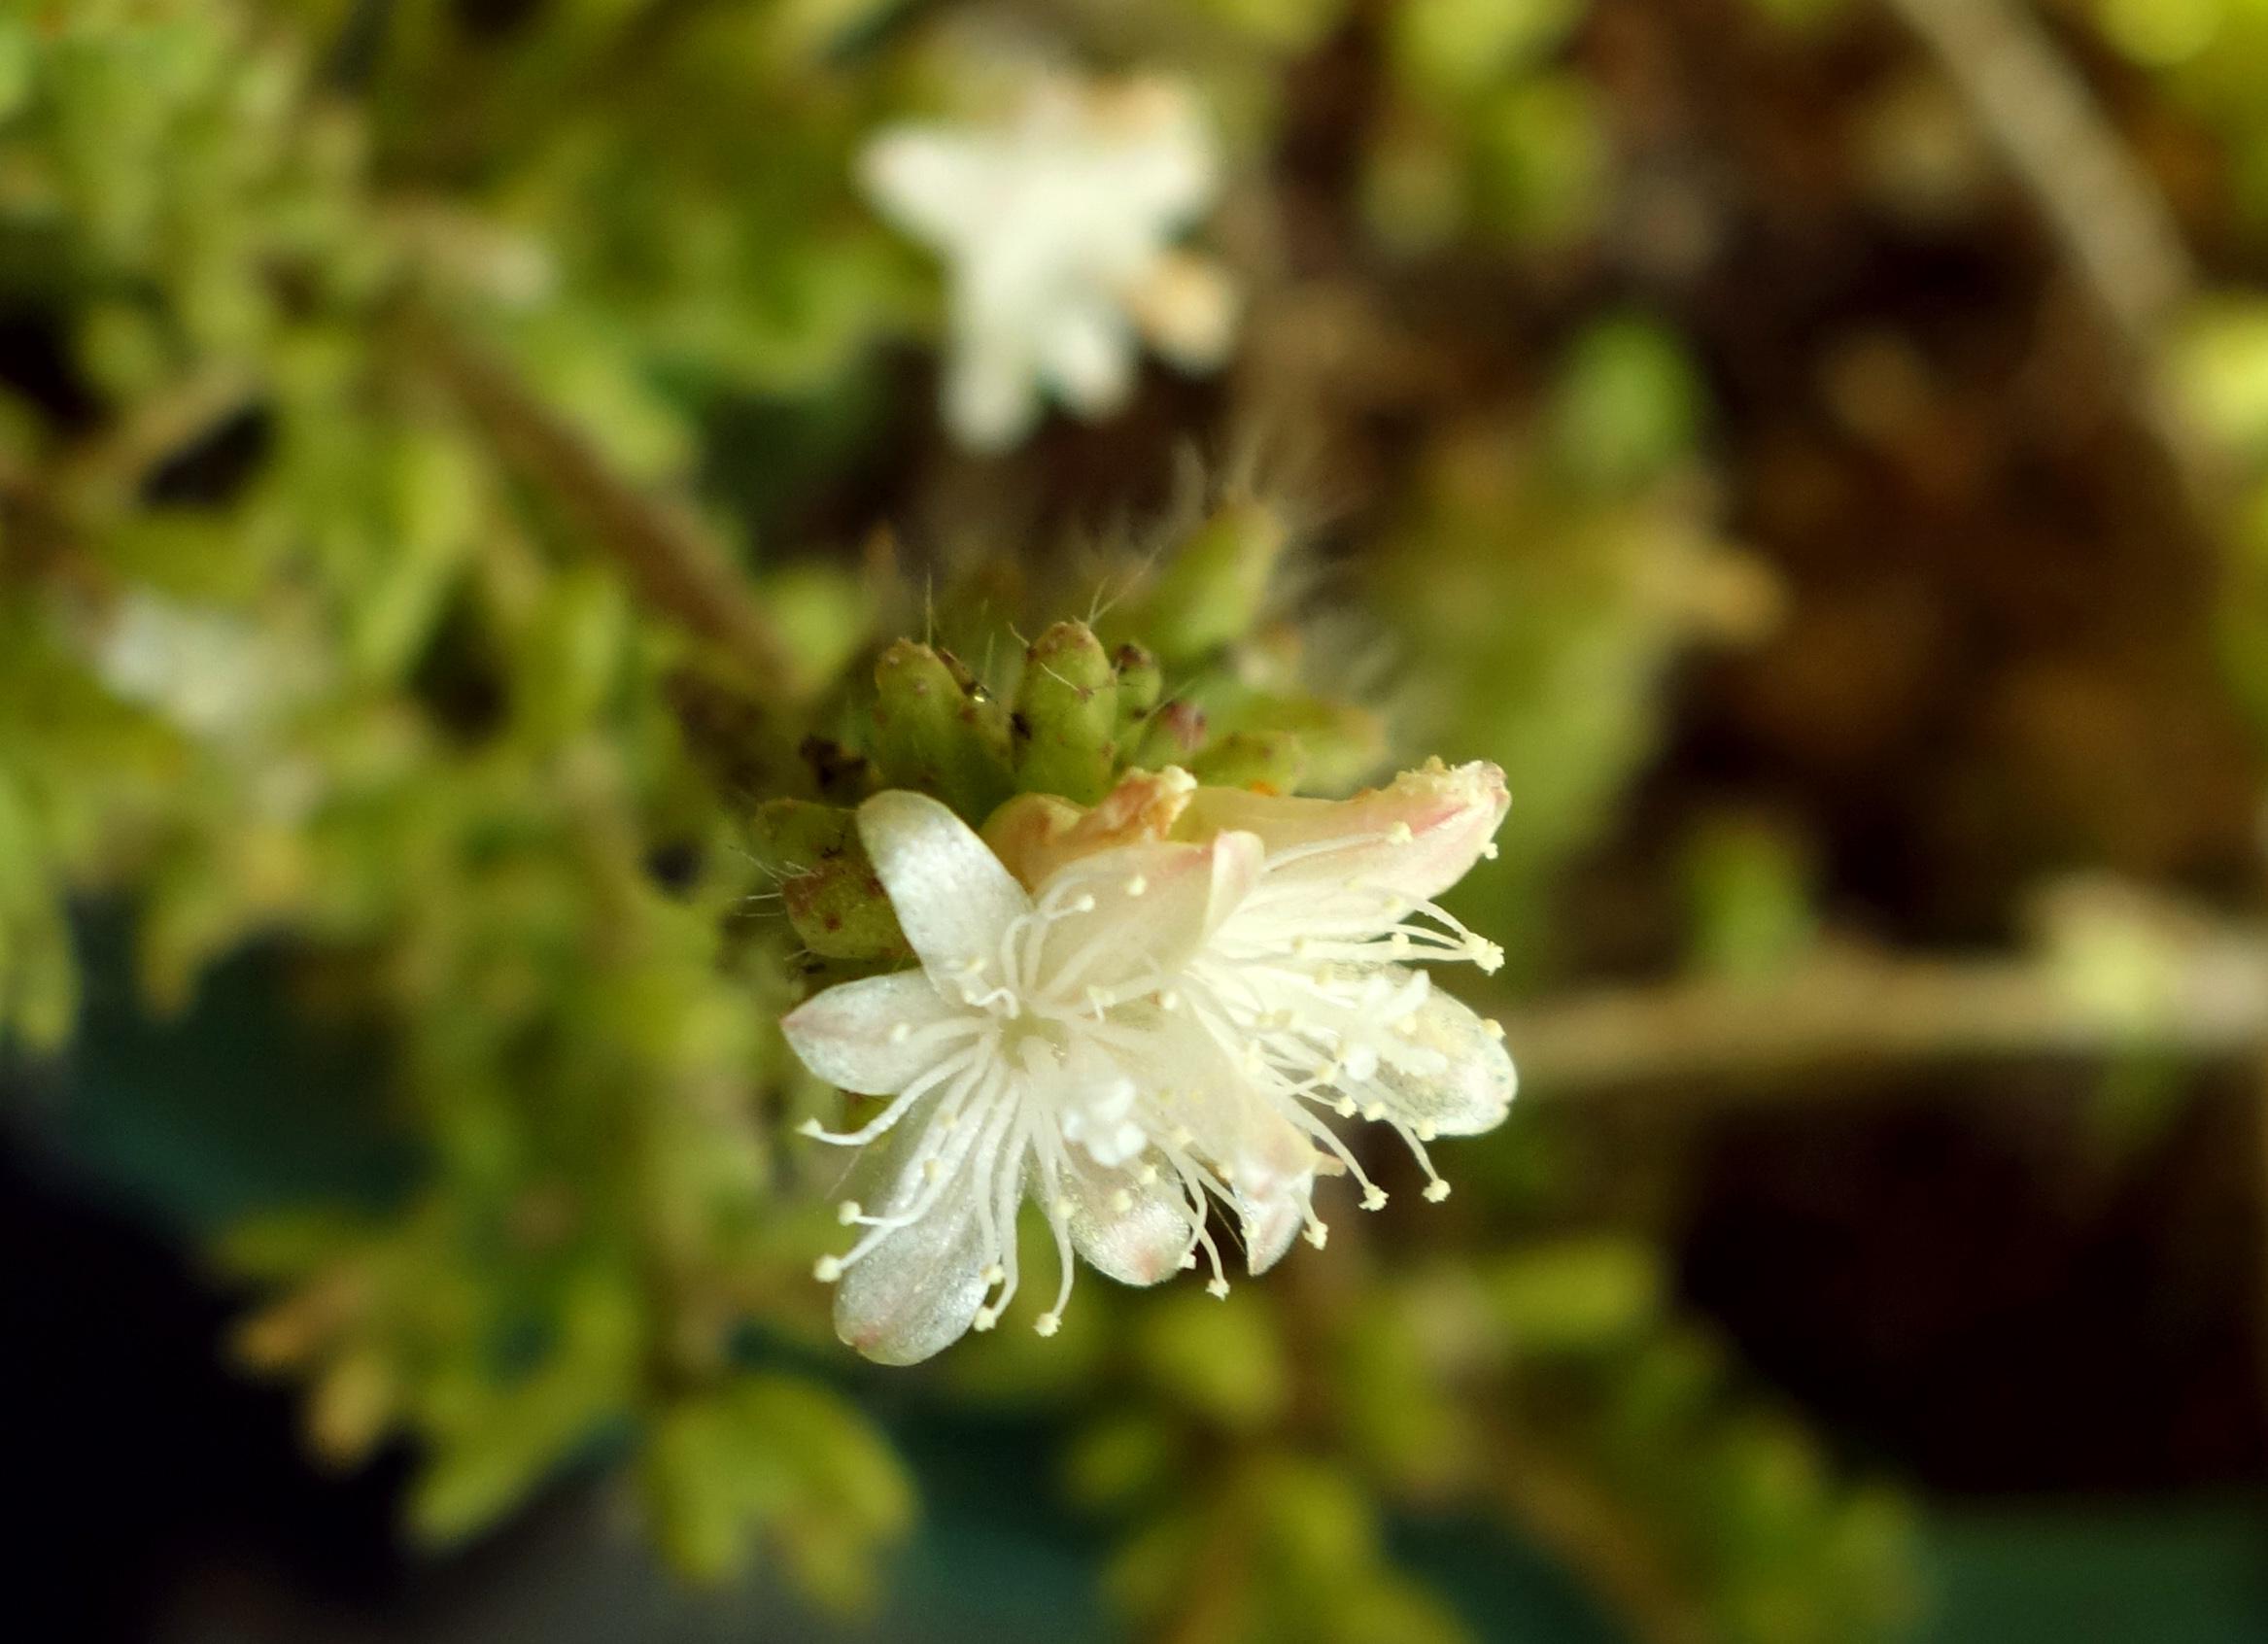 R mesembryanthemoides Dec 16 1.jpg